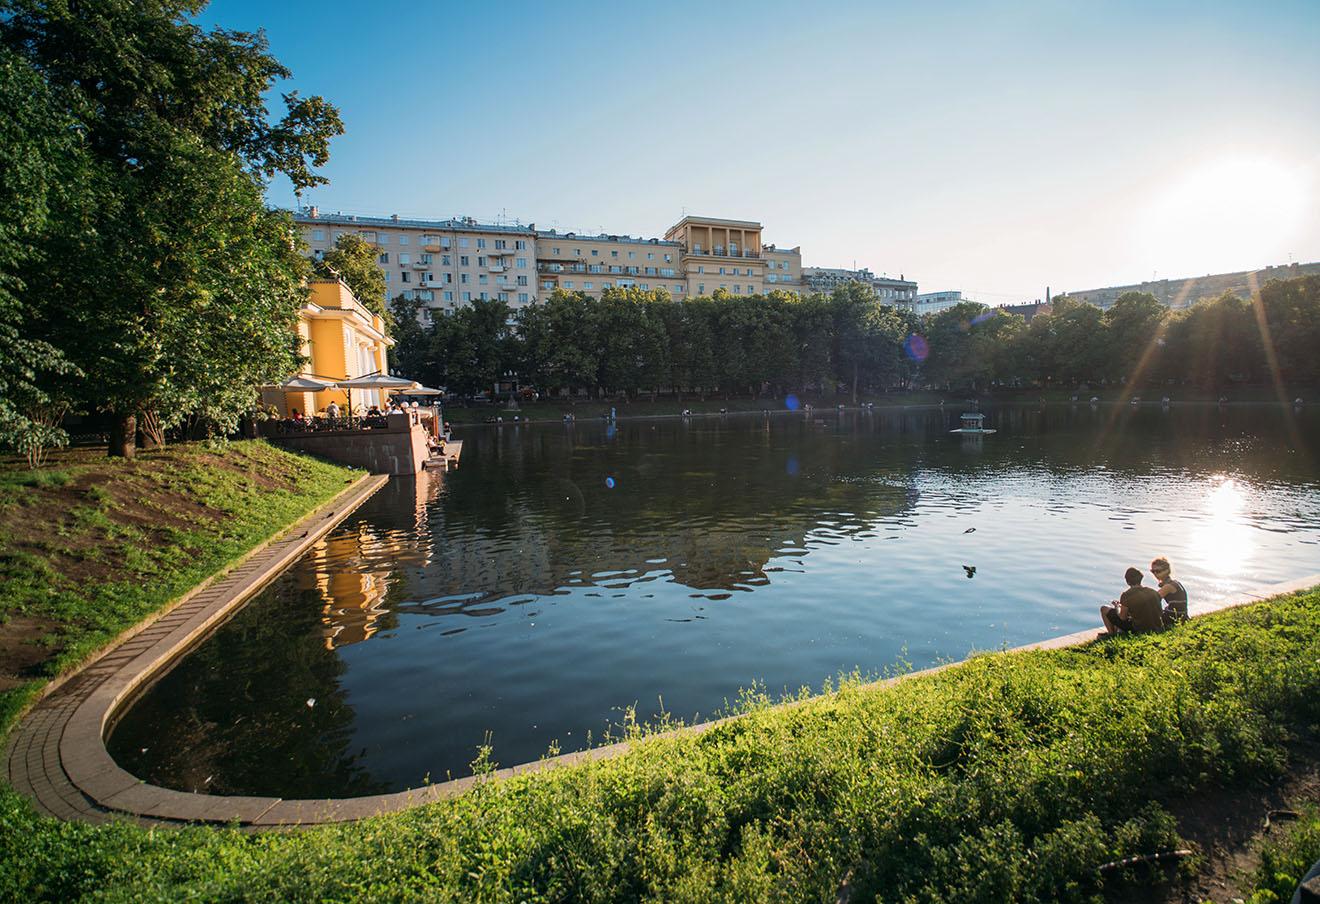 Патриаршие пруды. Фото: Наталья Гарнелис / ТАСС